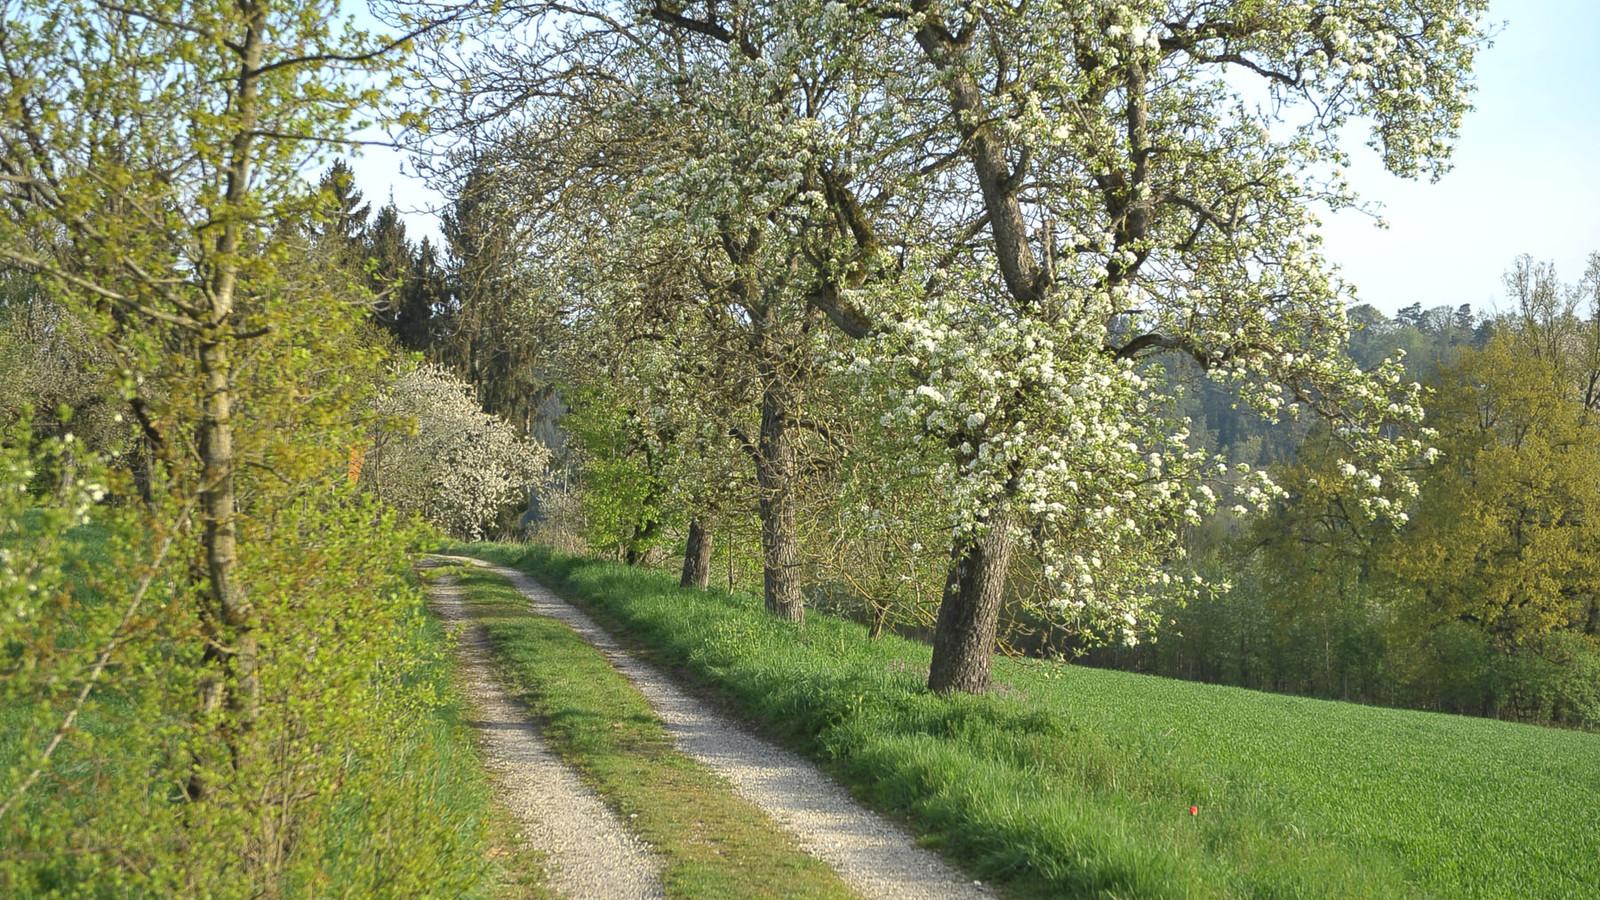 Apfelblüten am Apfel-Radl-Weg